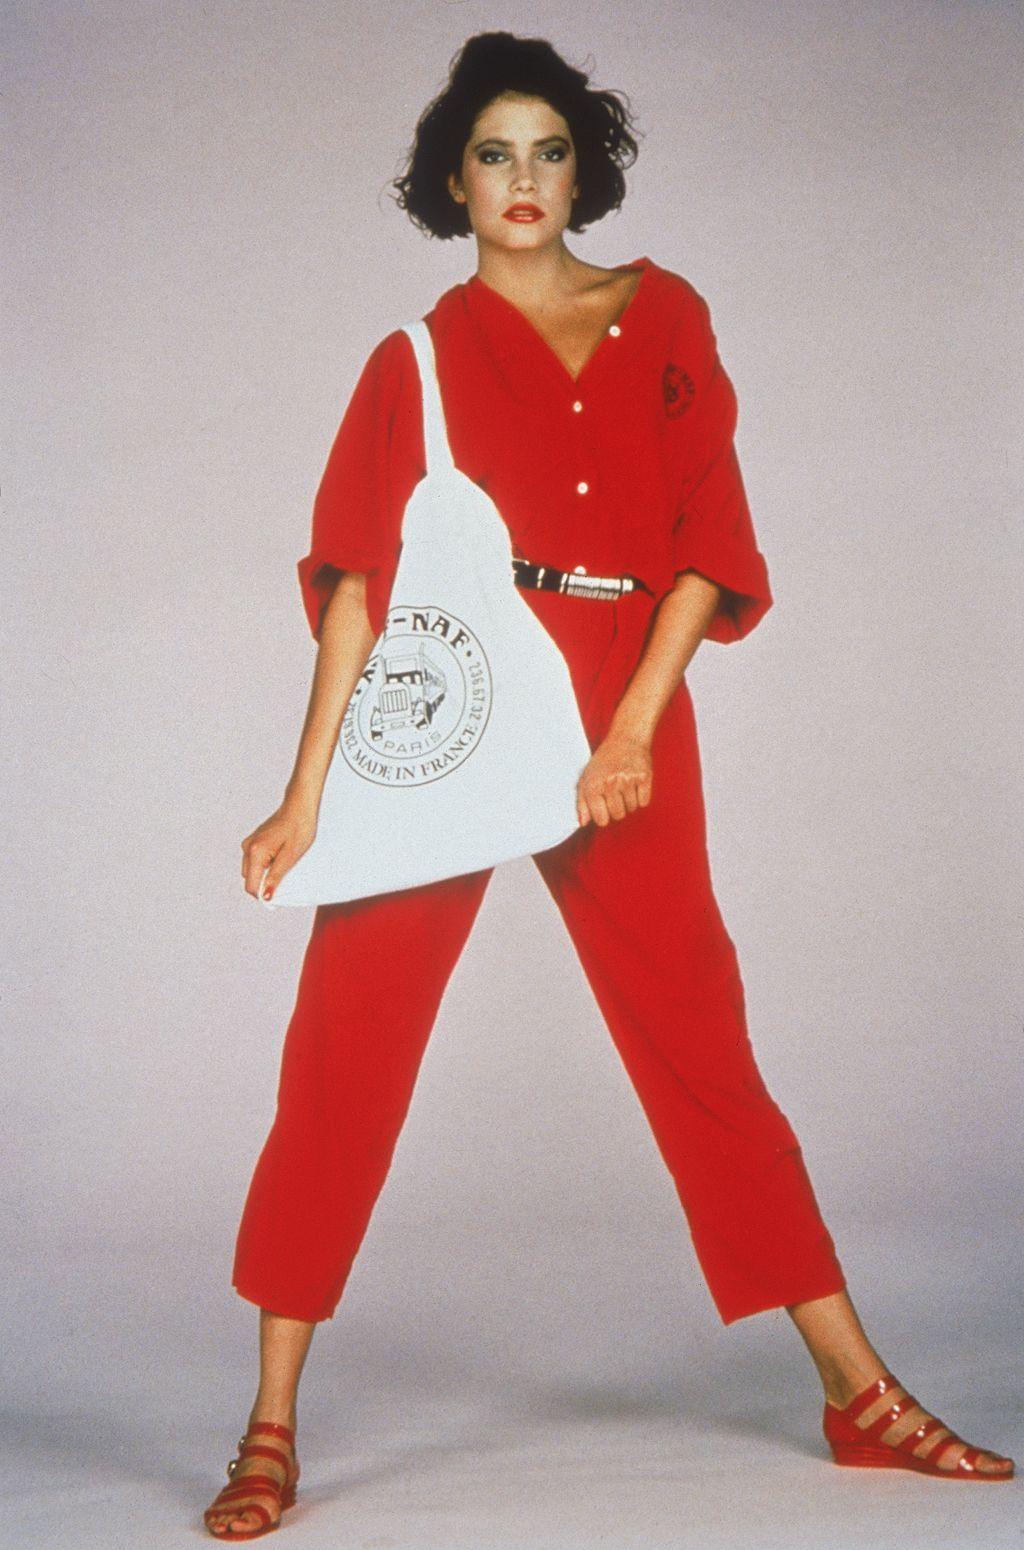 1983je EnbleuSouvenirs En La Combinaison Naf L'avais D b76gyYfv